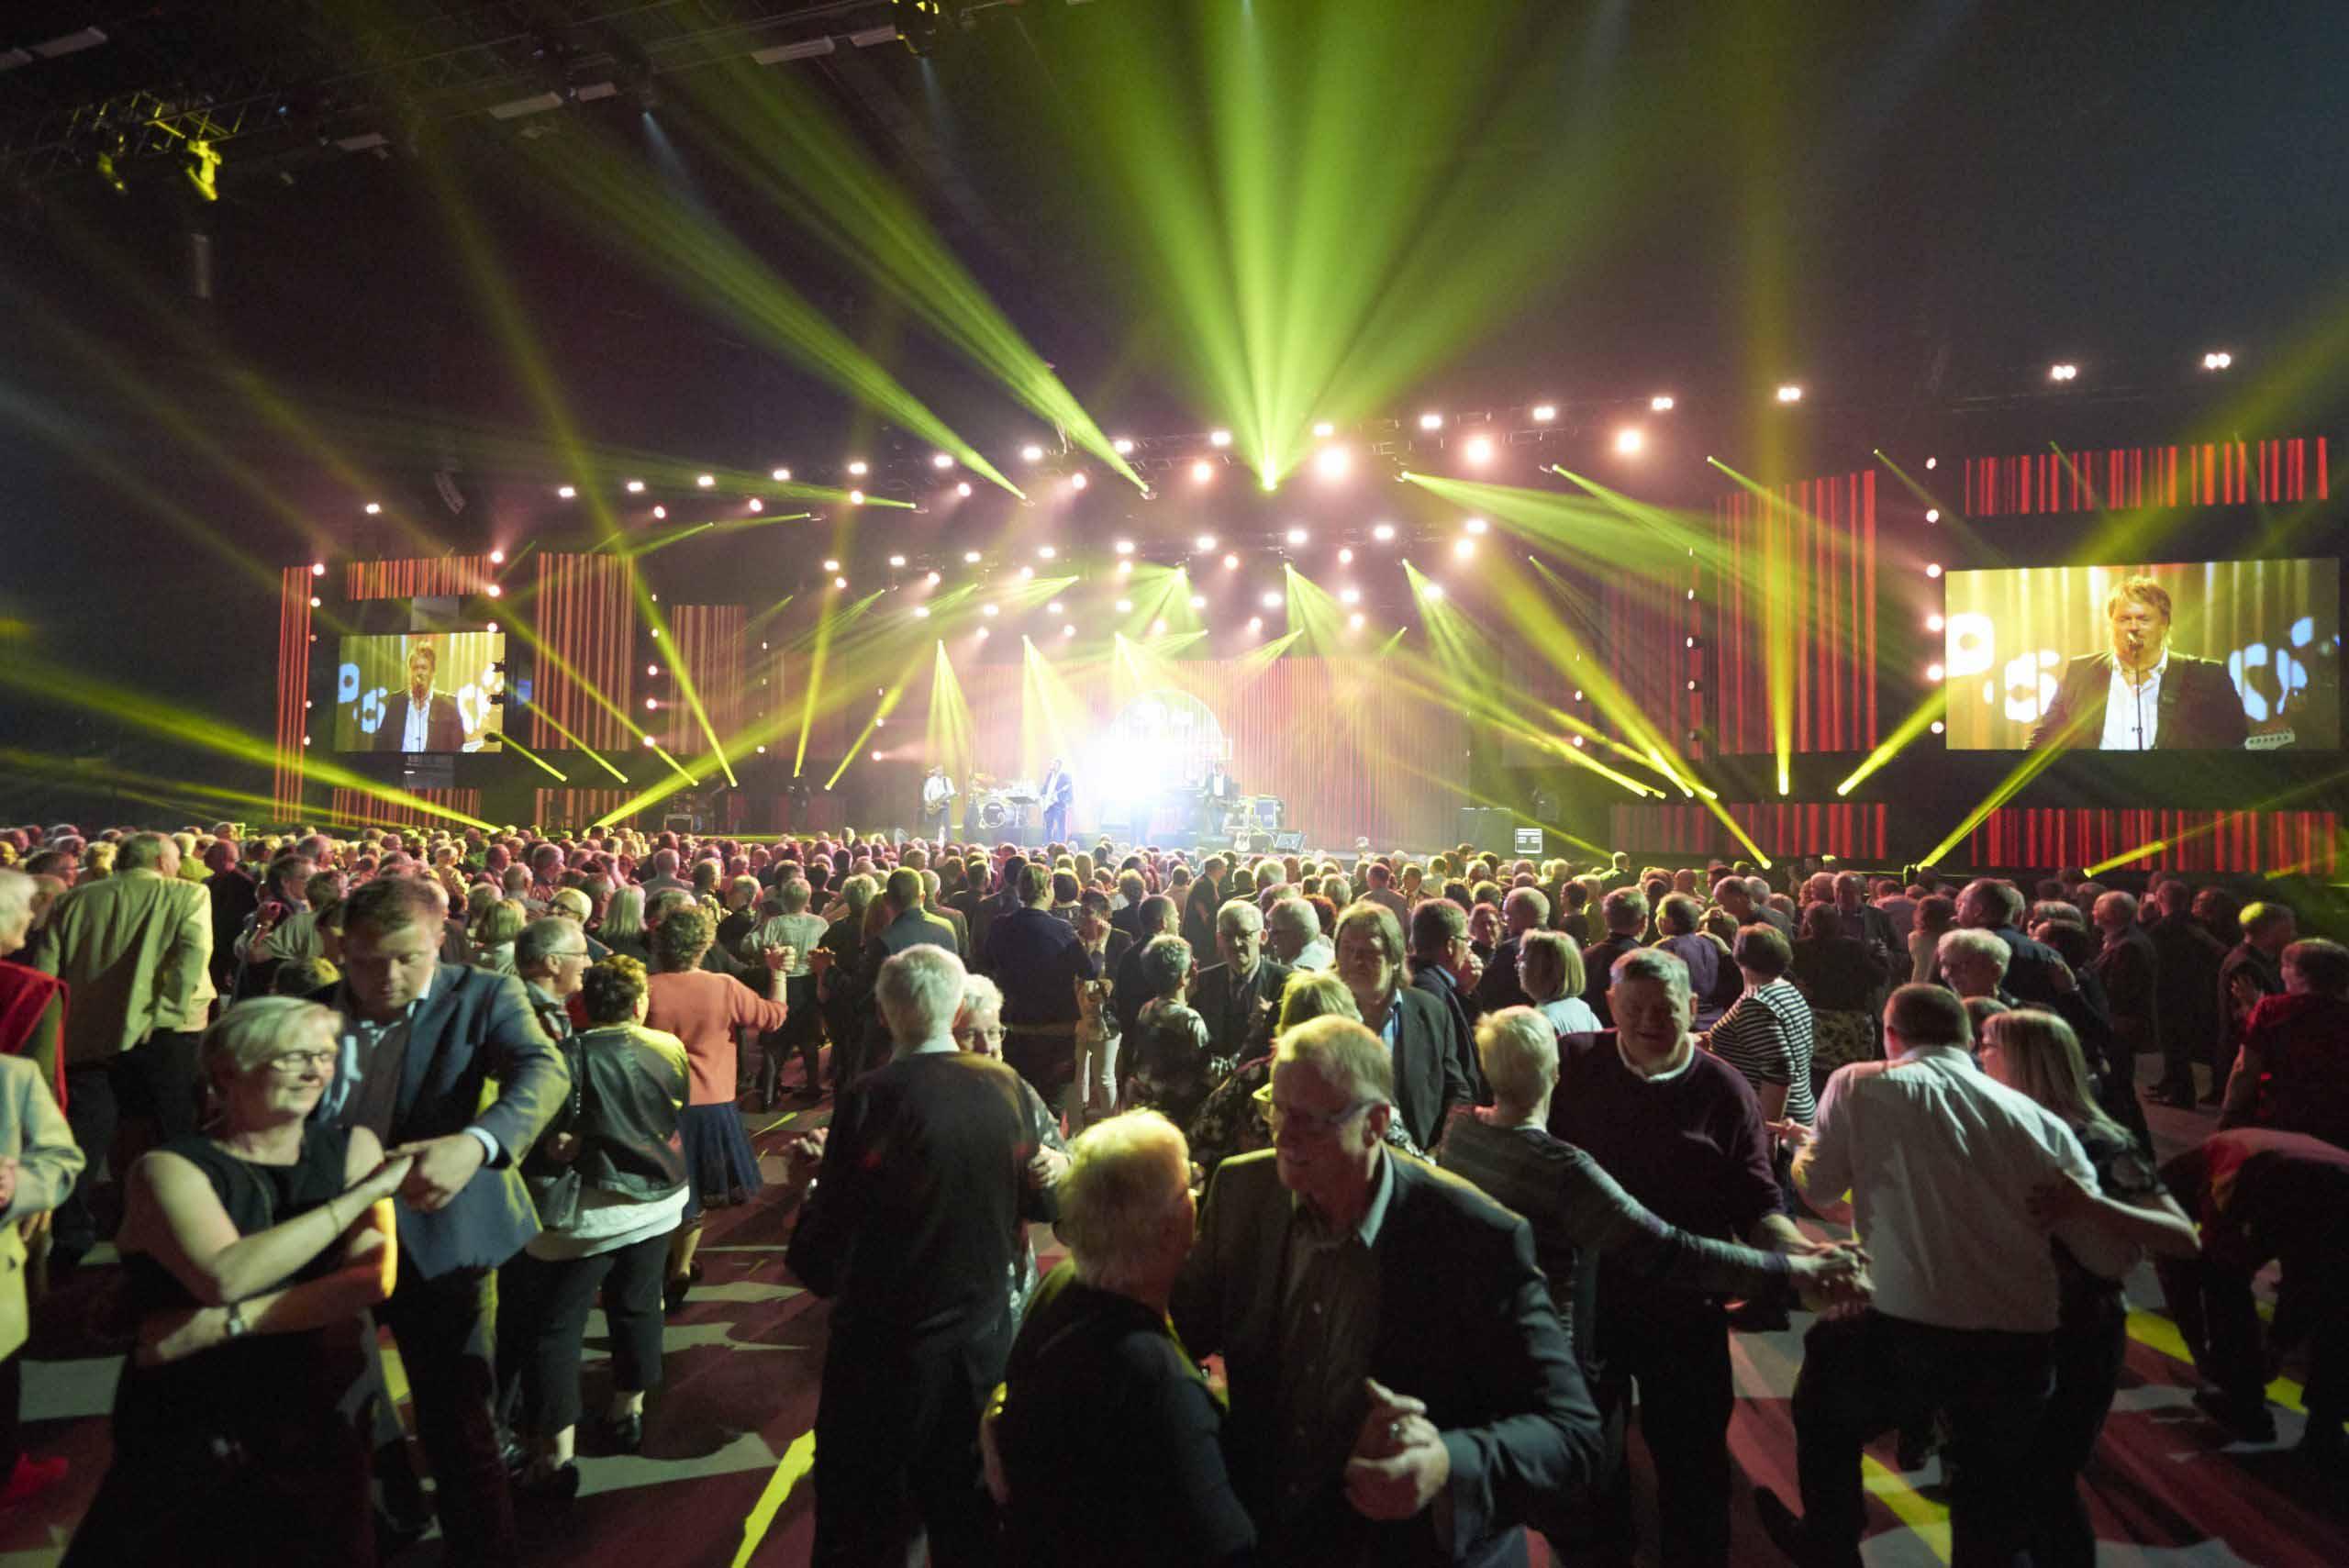 Social event - awardshow